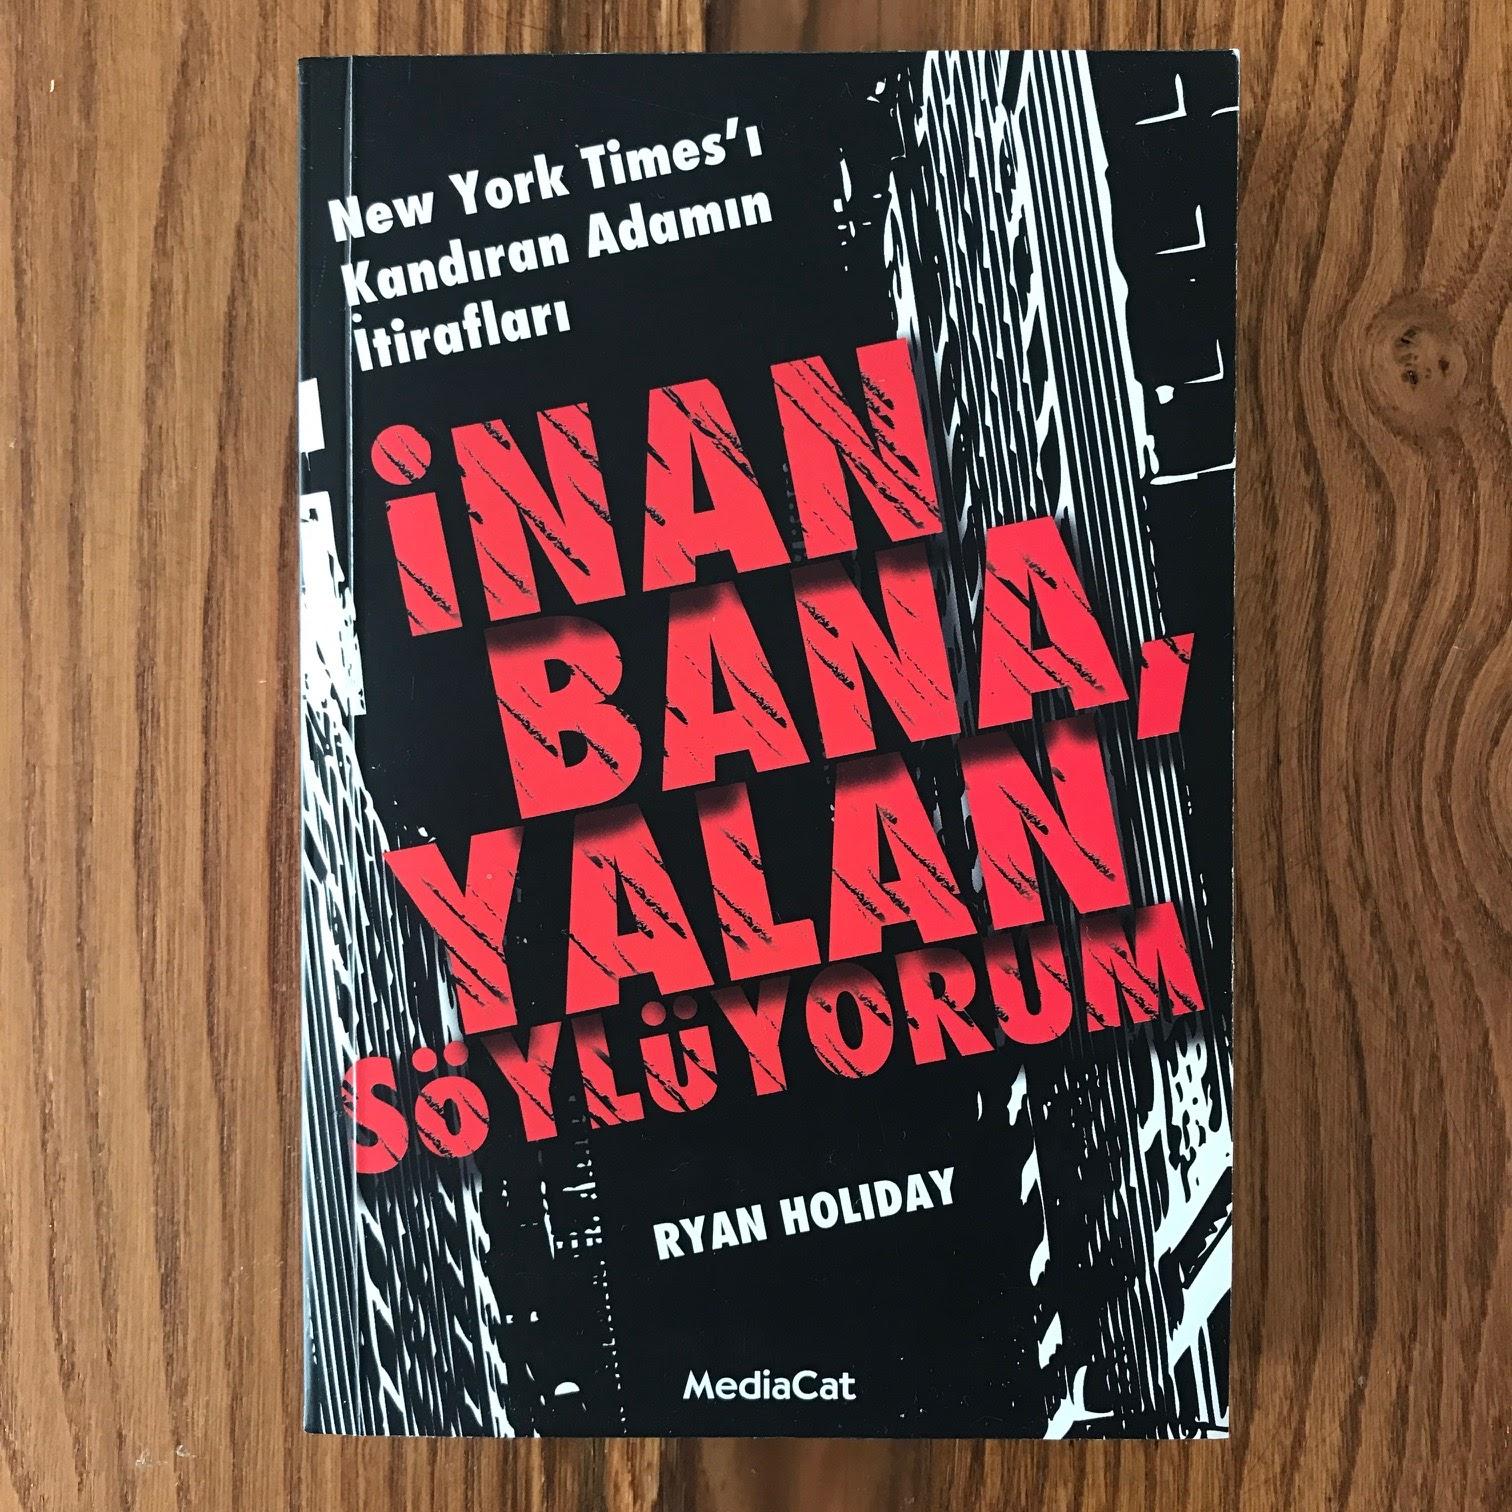 Inan Bana, Yalan Soyluyorum - New York Times'i Kandiran Adamin Itiraflari (Kitap)